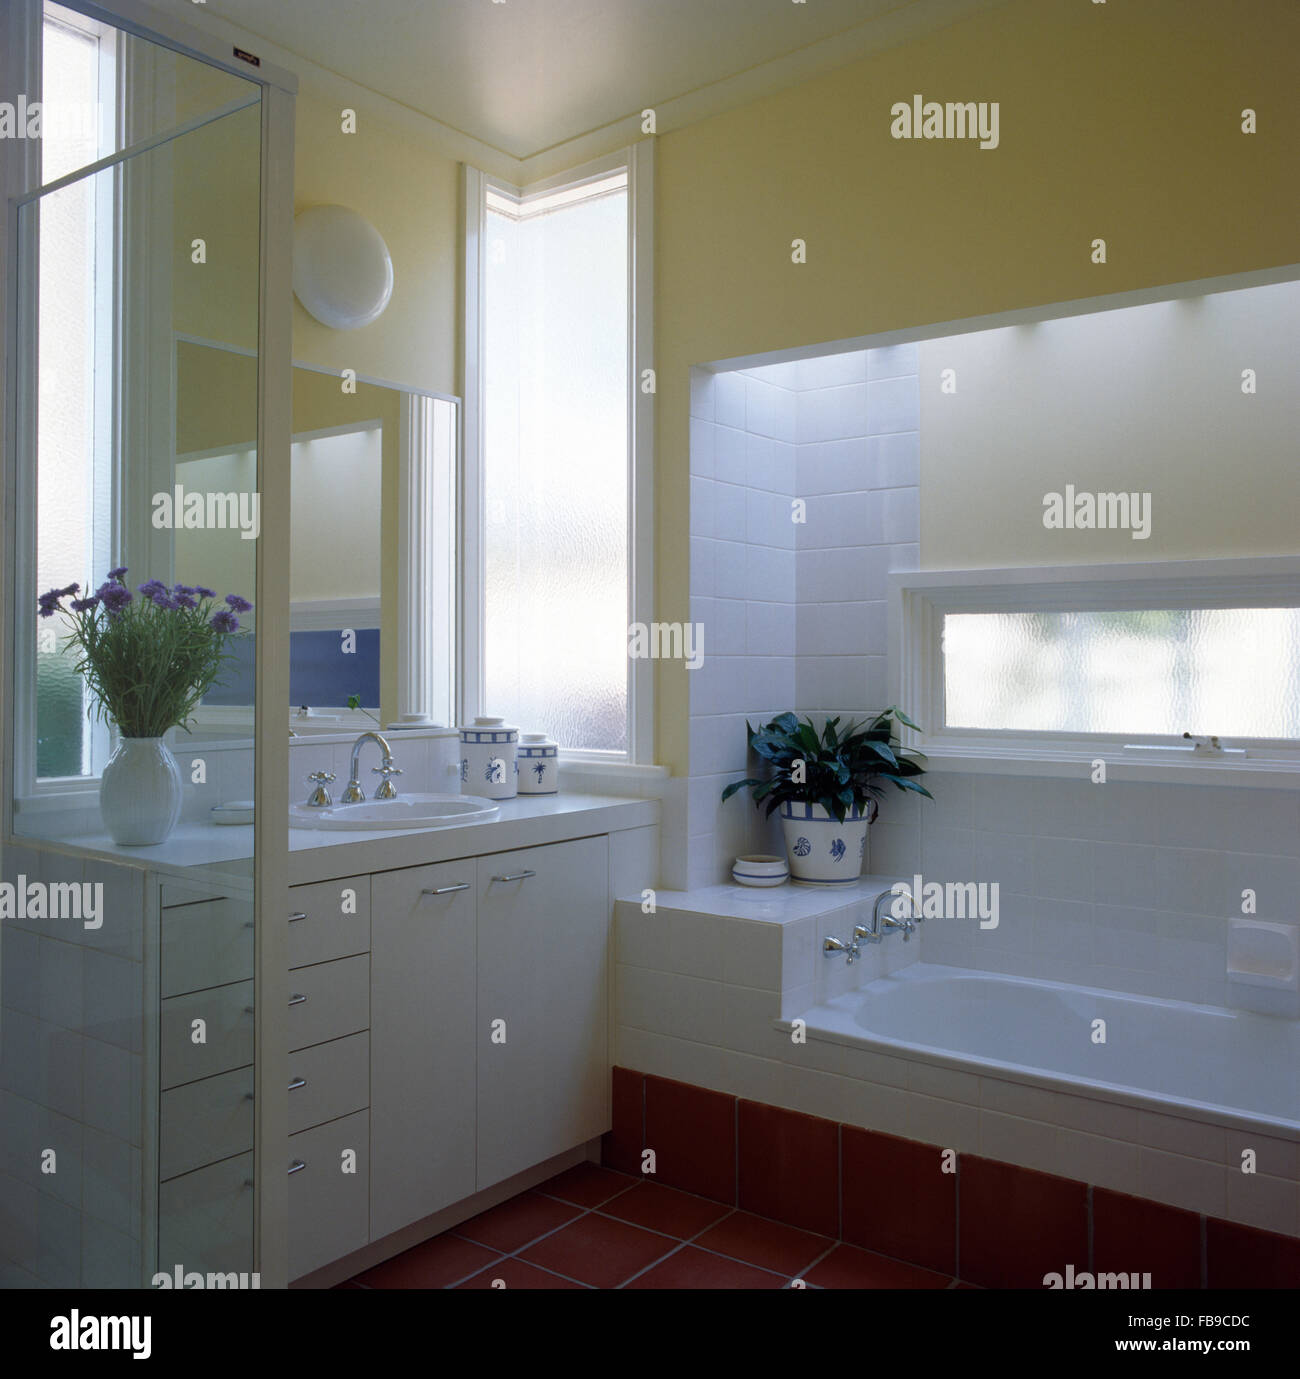 Meuble blanc et carrelage en jaune pâle 90 salle de bains ...